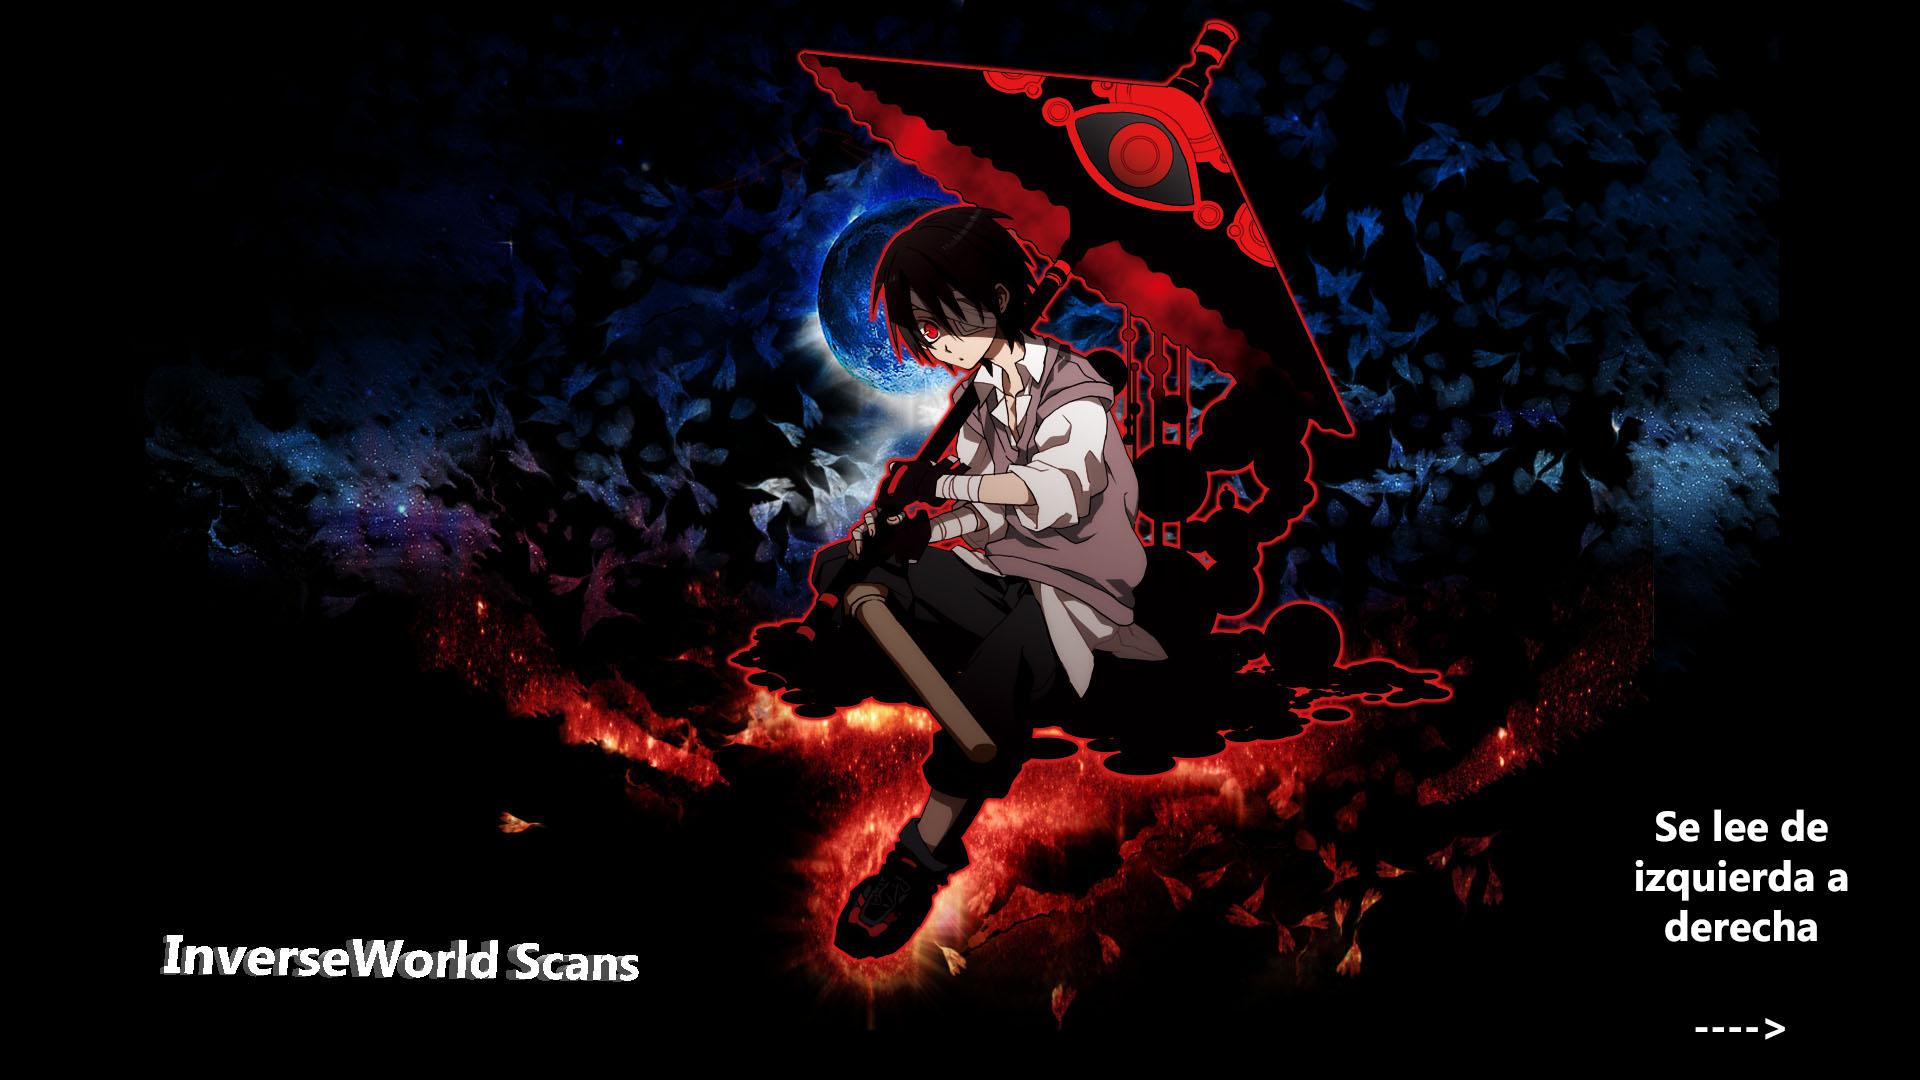 http://c5.ninemanga.com/es_manga/18/16210/390089/53a5bd61dfc6a512ba5da320ed0e4494.jpg Page 1